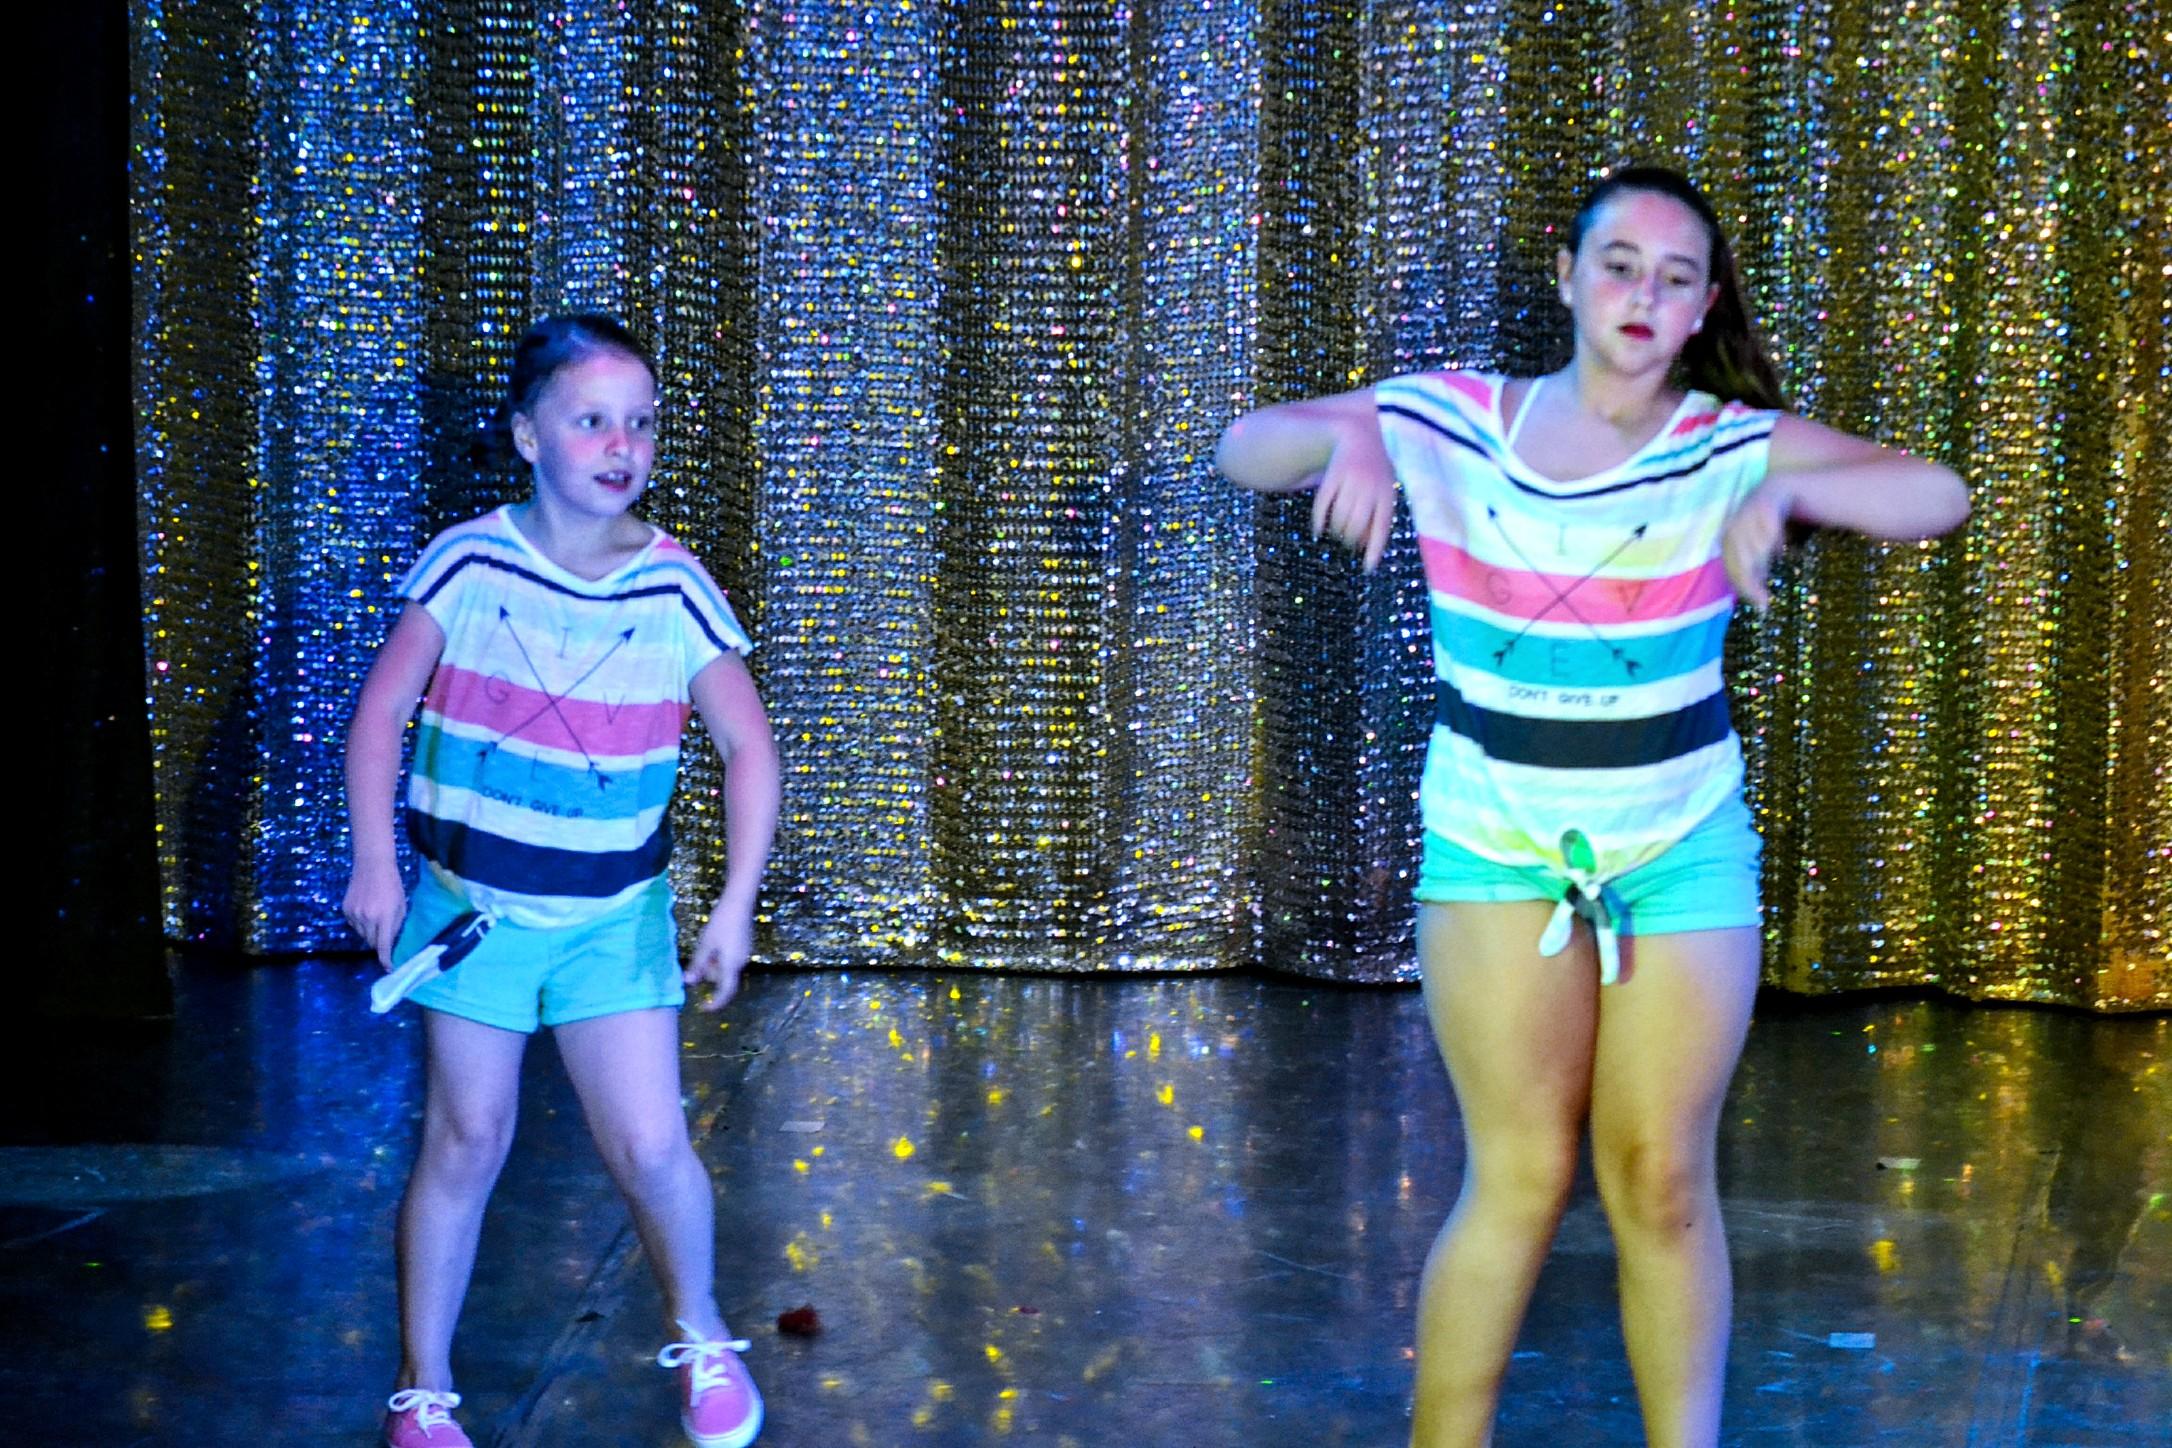 Linea-de-Baile-festival-verano-2015-clases-de-baile-valencia-88